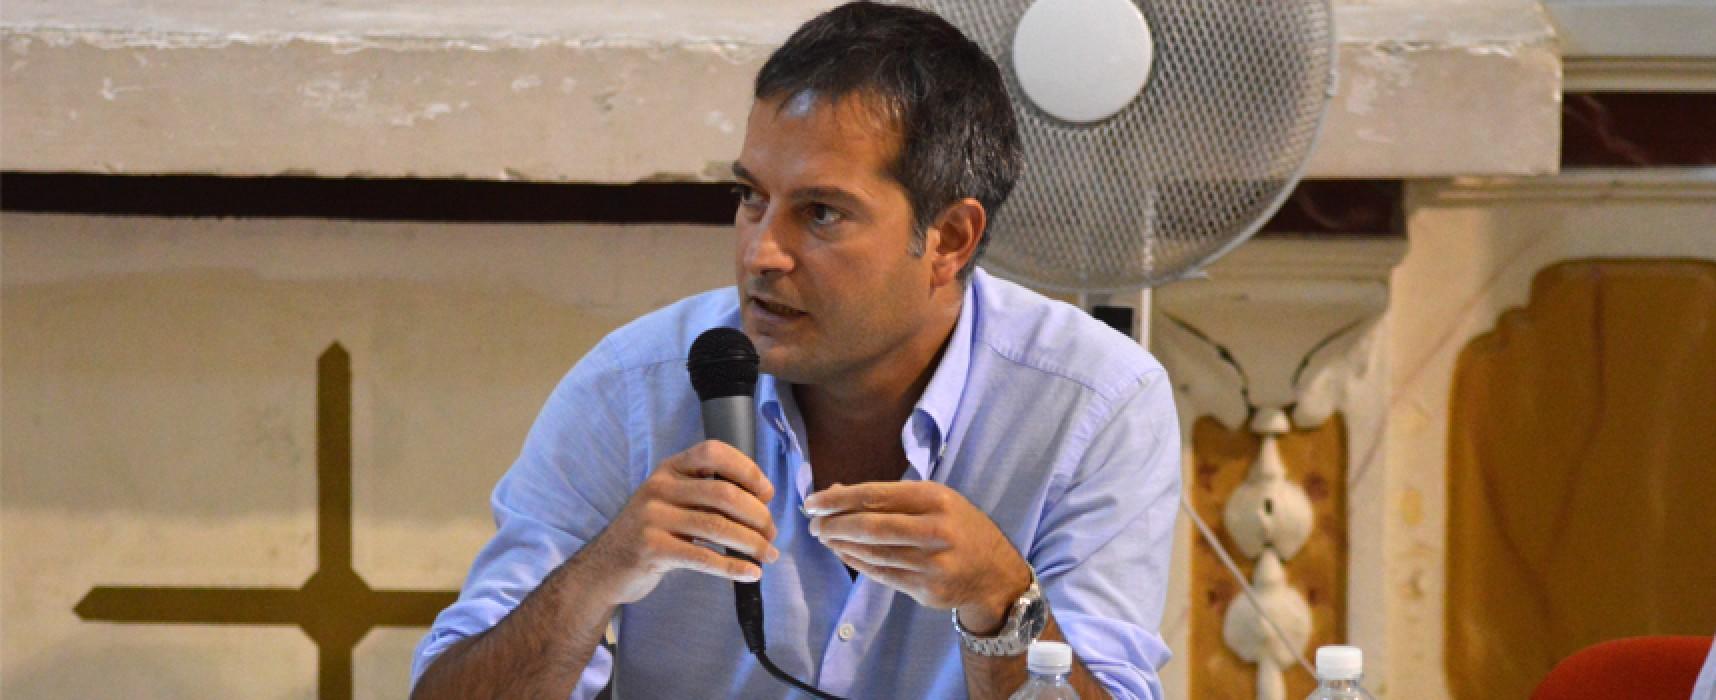 Angarano (PD) raffica di interrogazioni consiliari rivolte all'amministrazione comunale